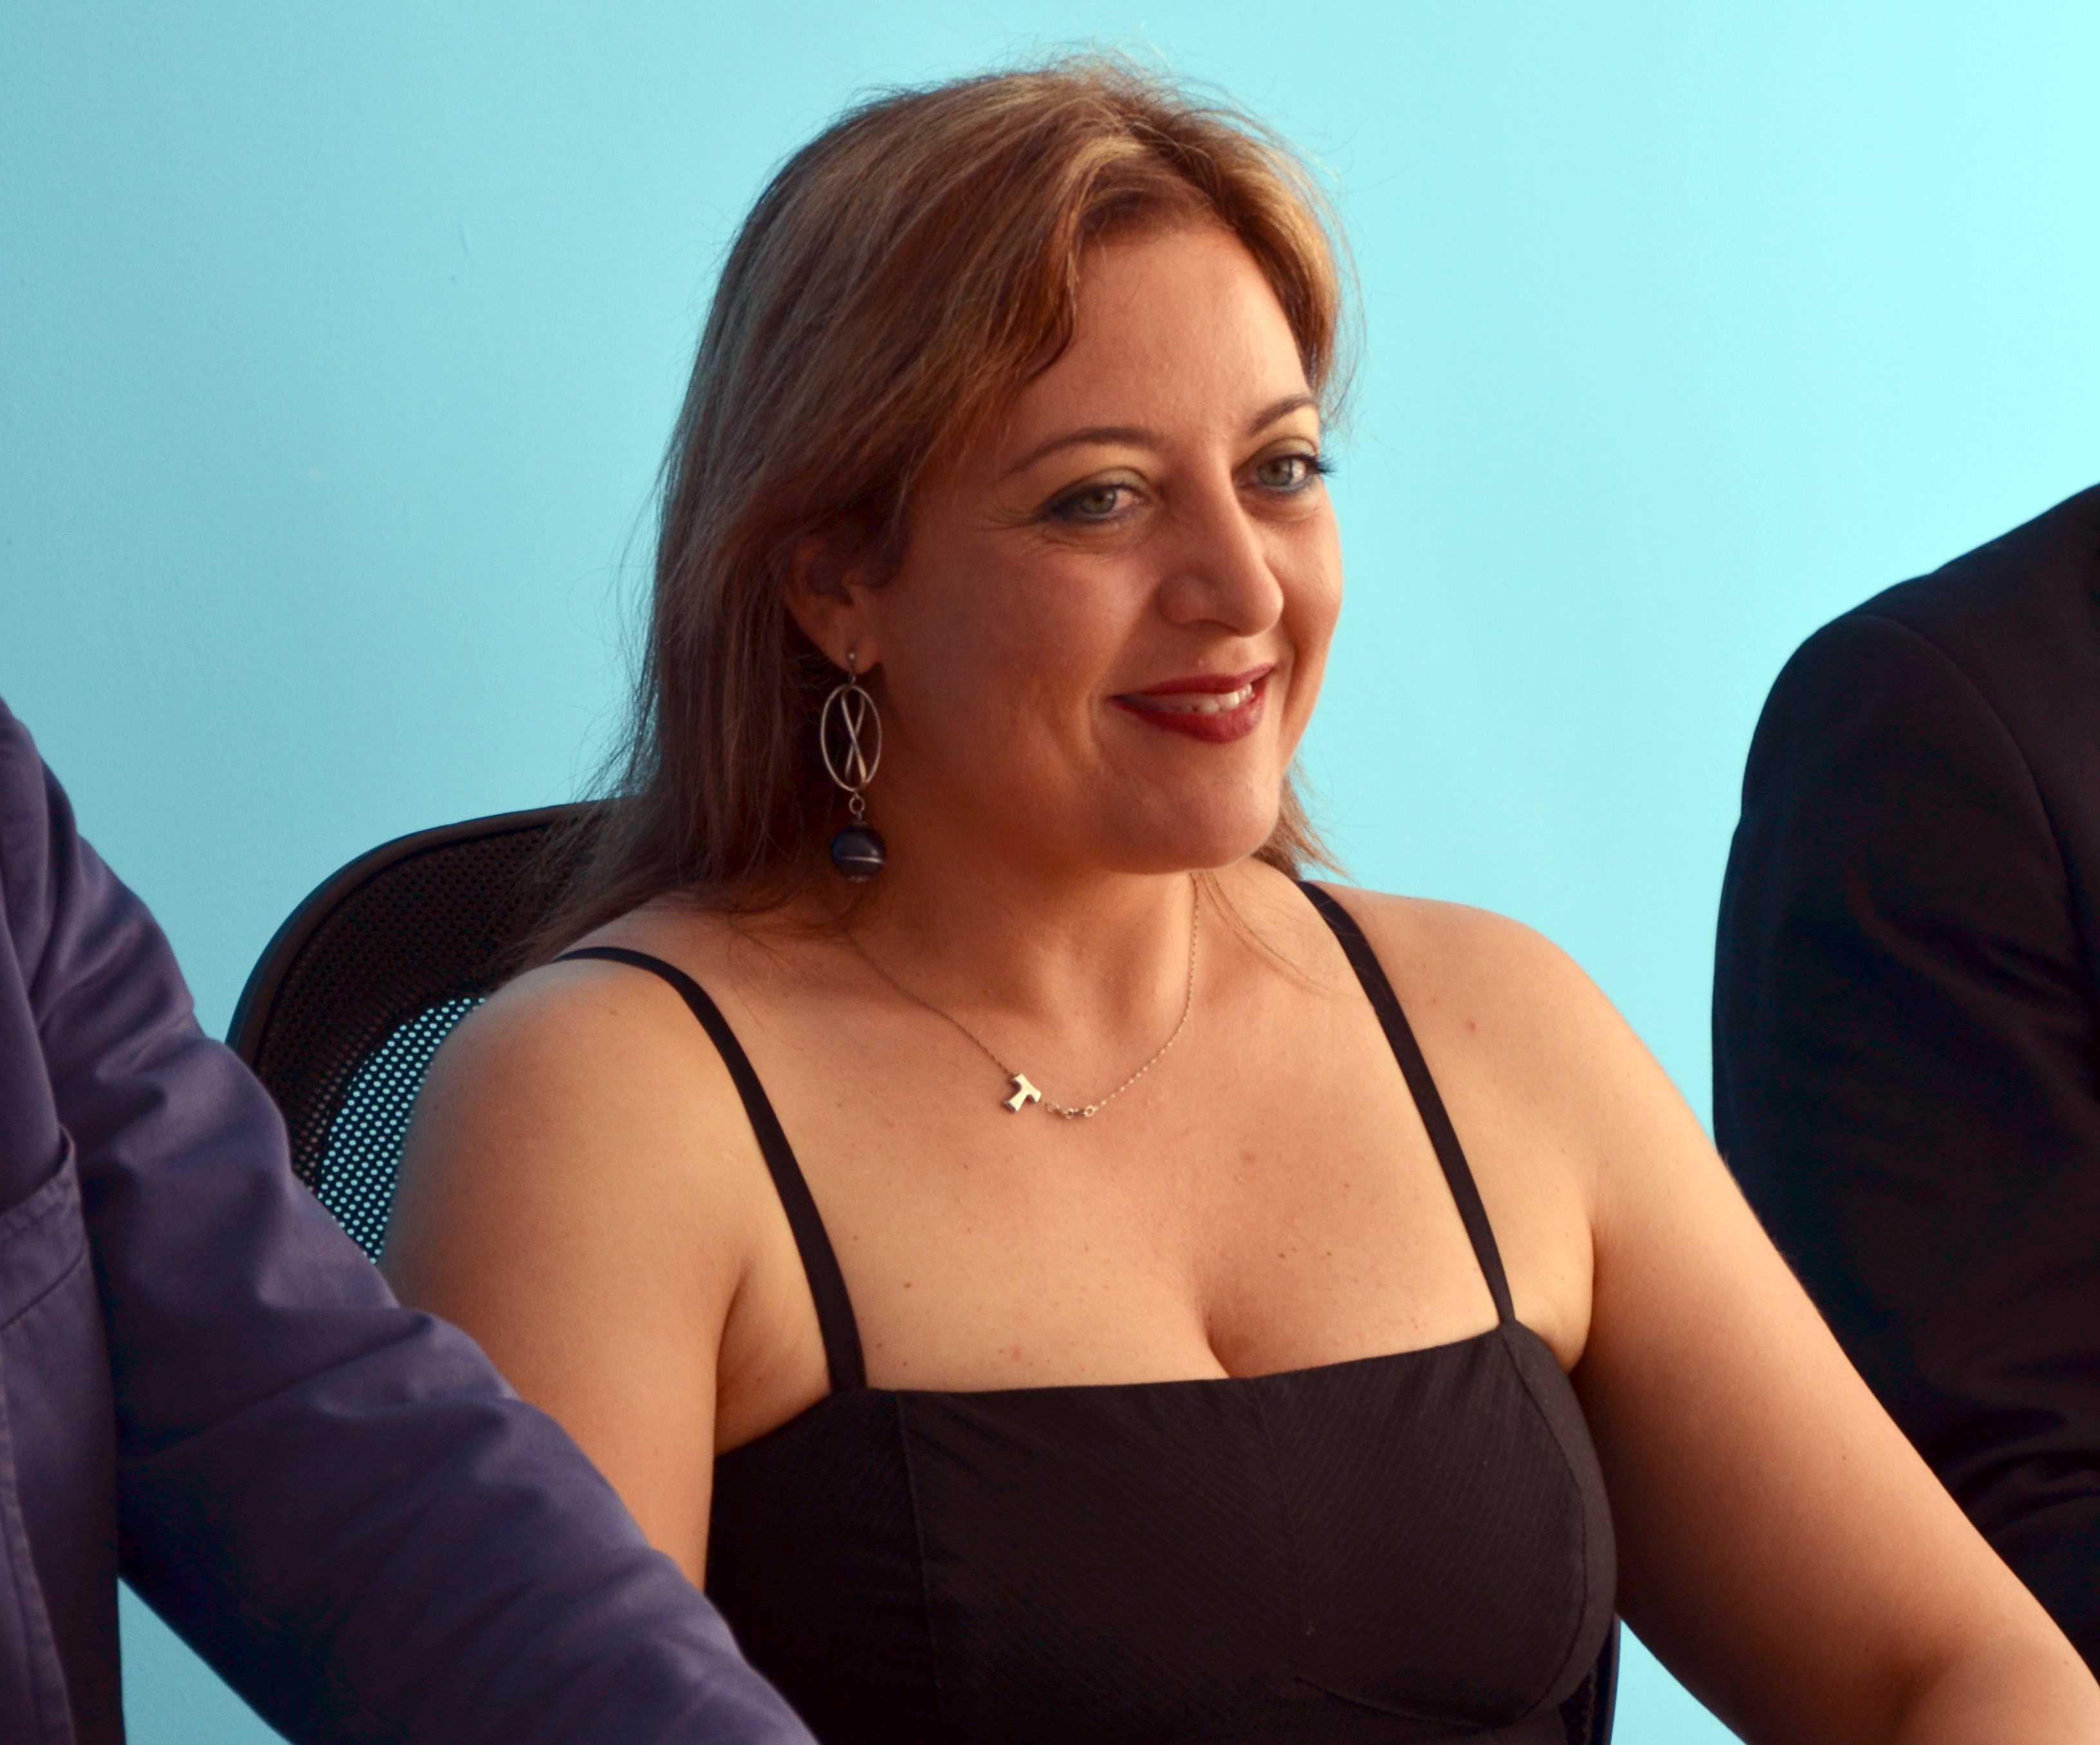 Patrizia Fersurella